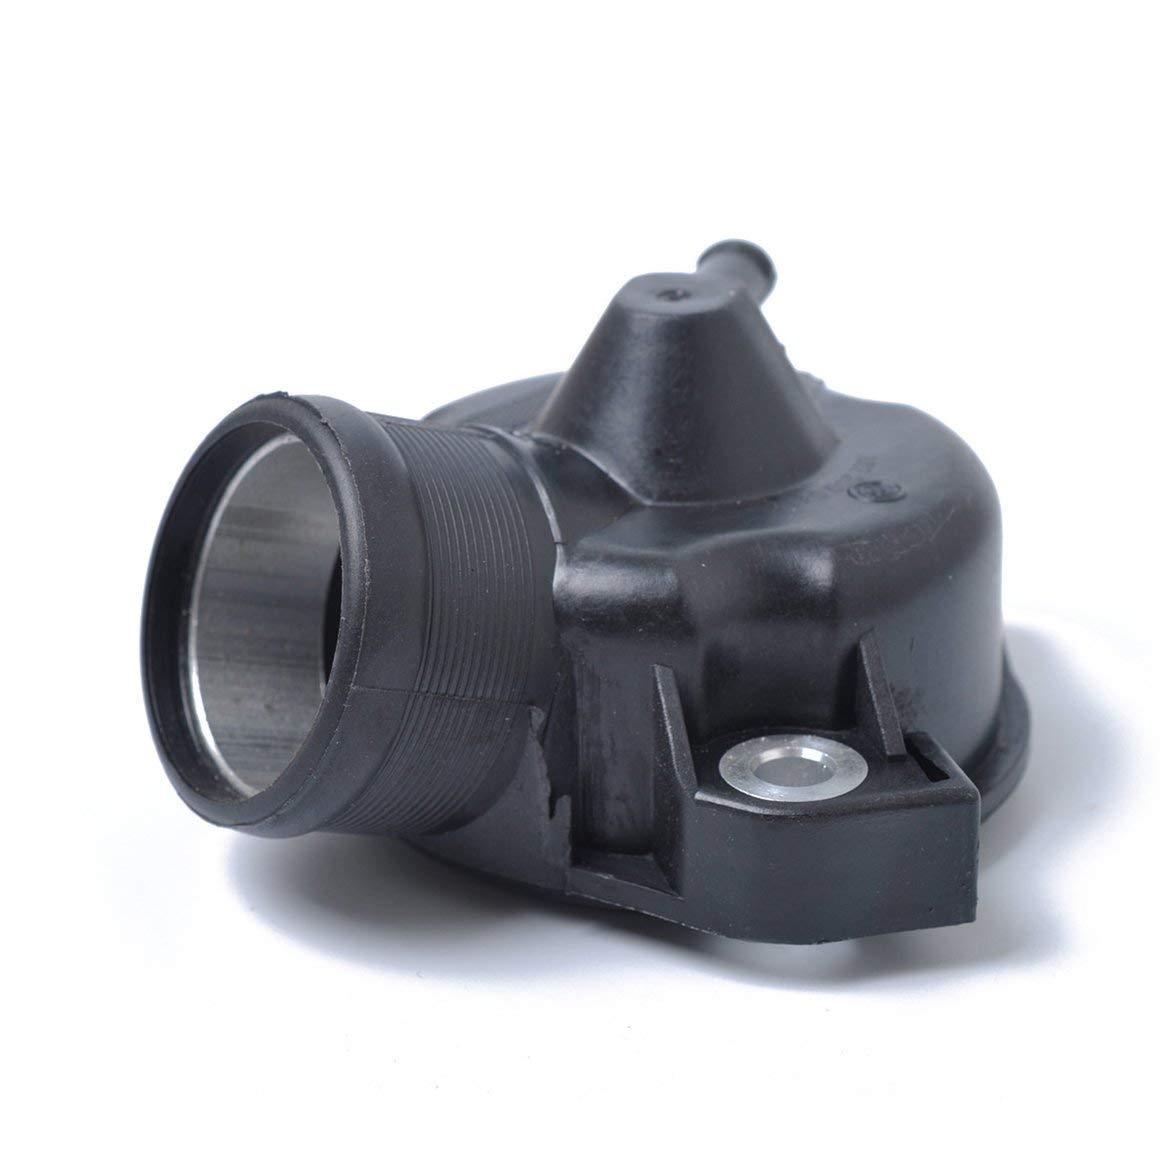 Kongqiabona Cubierta de la Carcasa del termostato del Coche Cubierta de protecci/ón de la Carcasa del termostato autom/ático de Aluminio de pl/ástico para Mercedes-Benz W124 201 M102